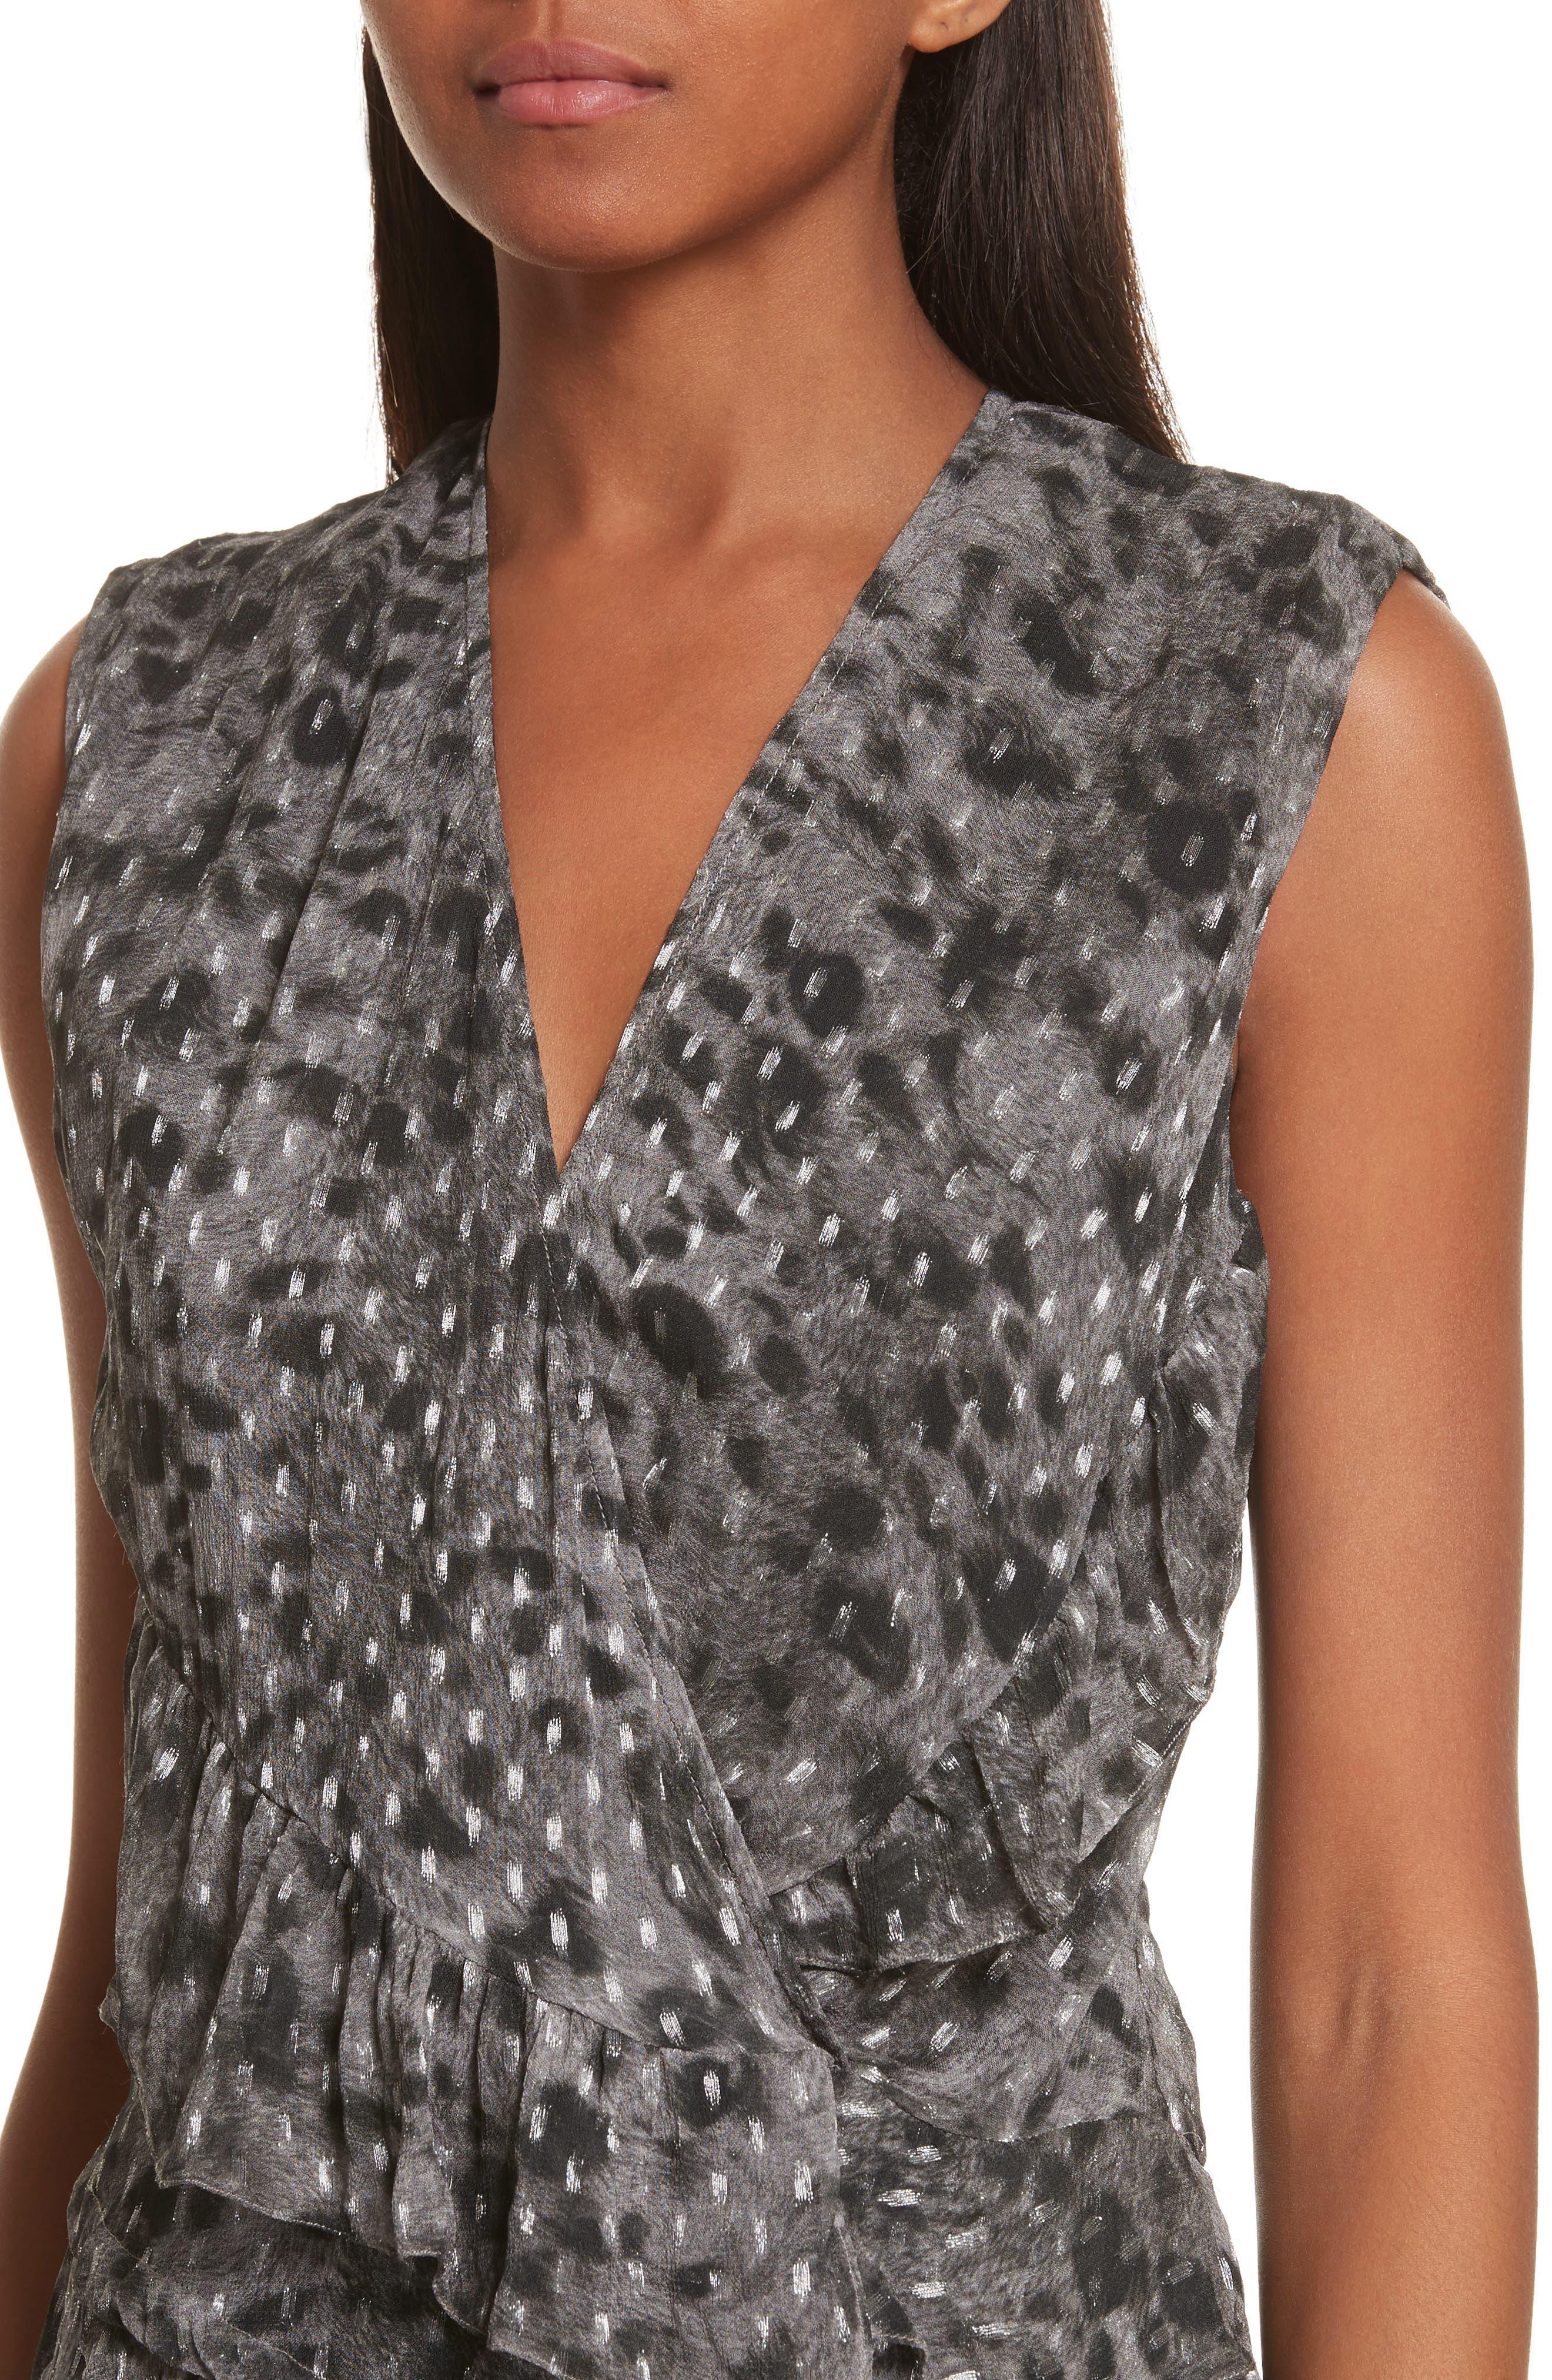 Corie Metallic Fil Coupé Dress,                             Alternate thumbnail 4, color,                             Charcoal